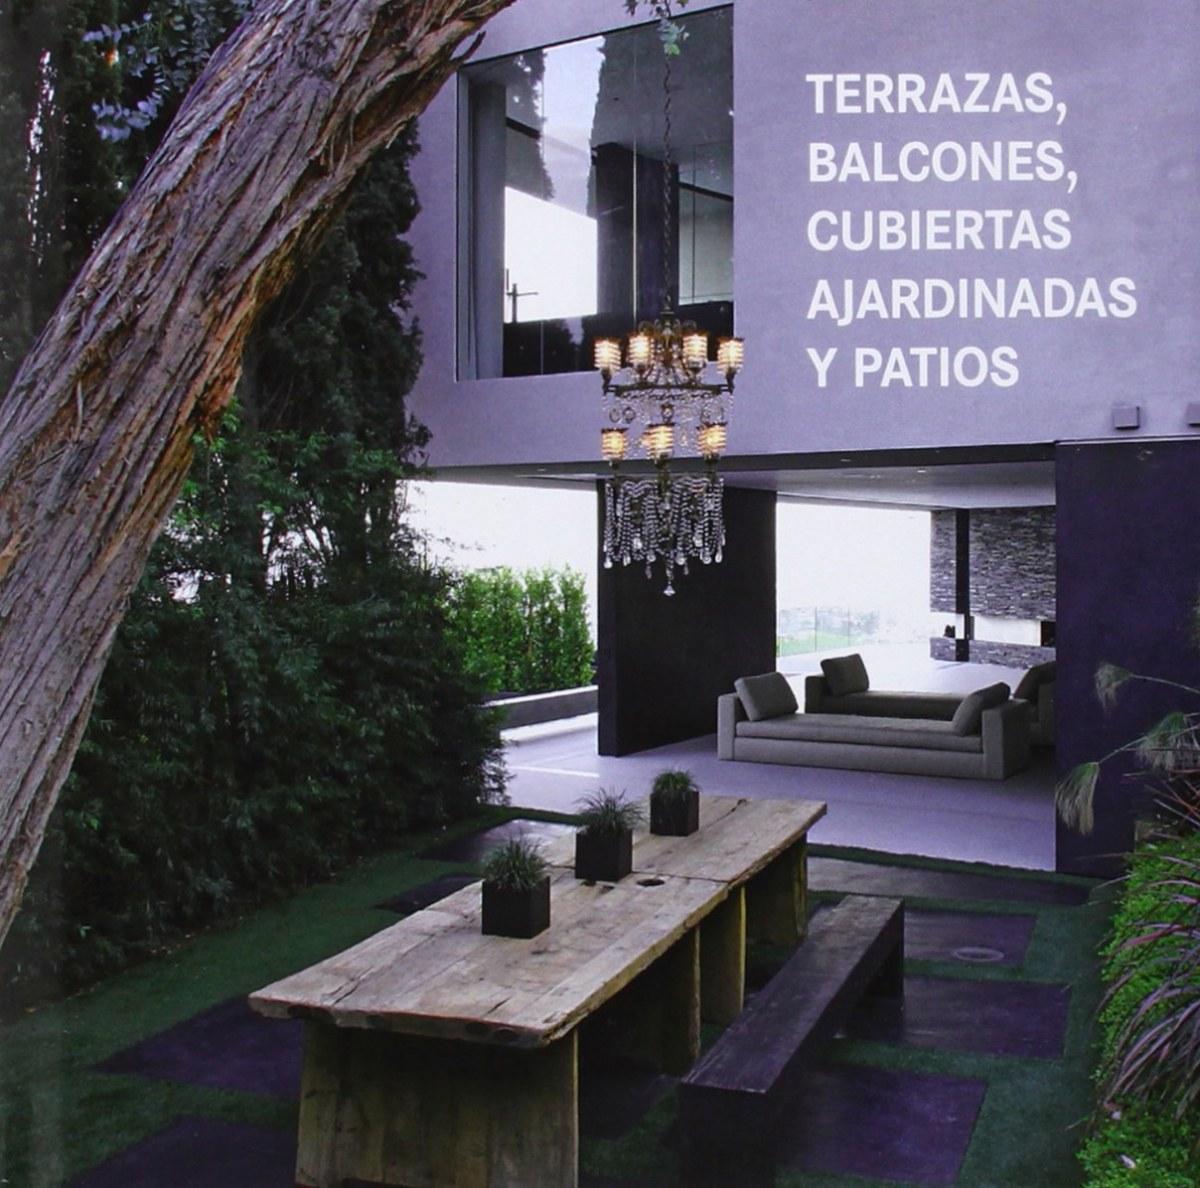 TERRAZAS, BALCONES Y CUBIERTAS 9783864072017